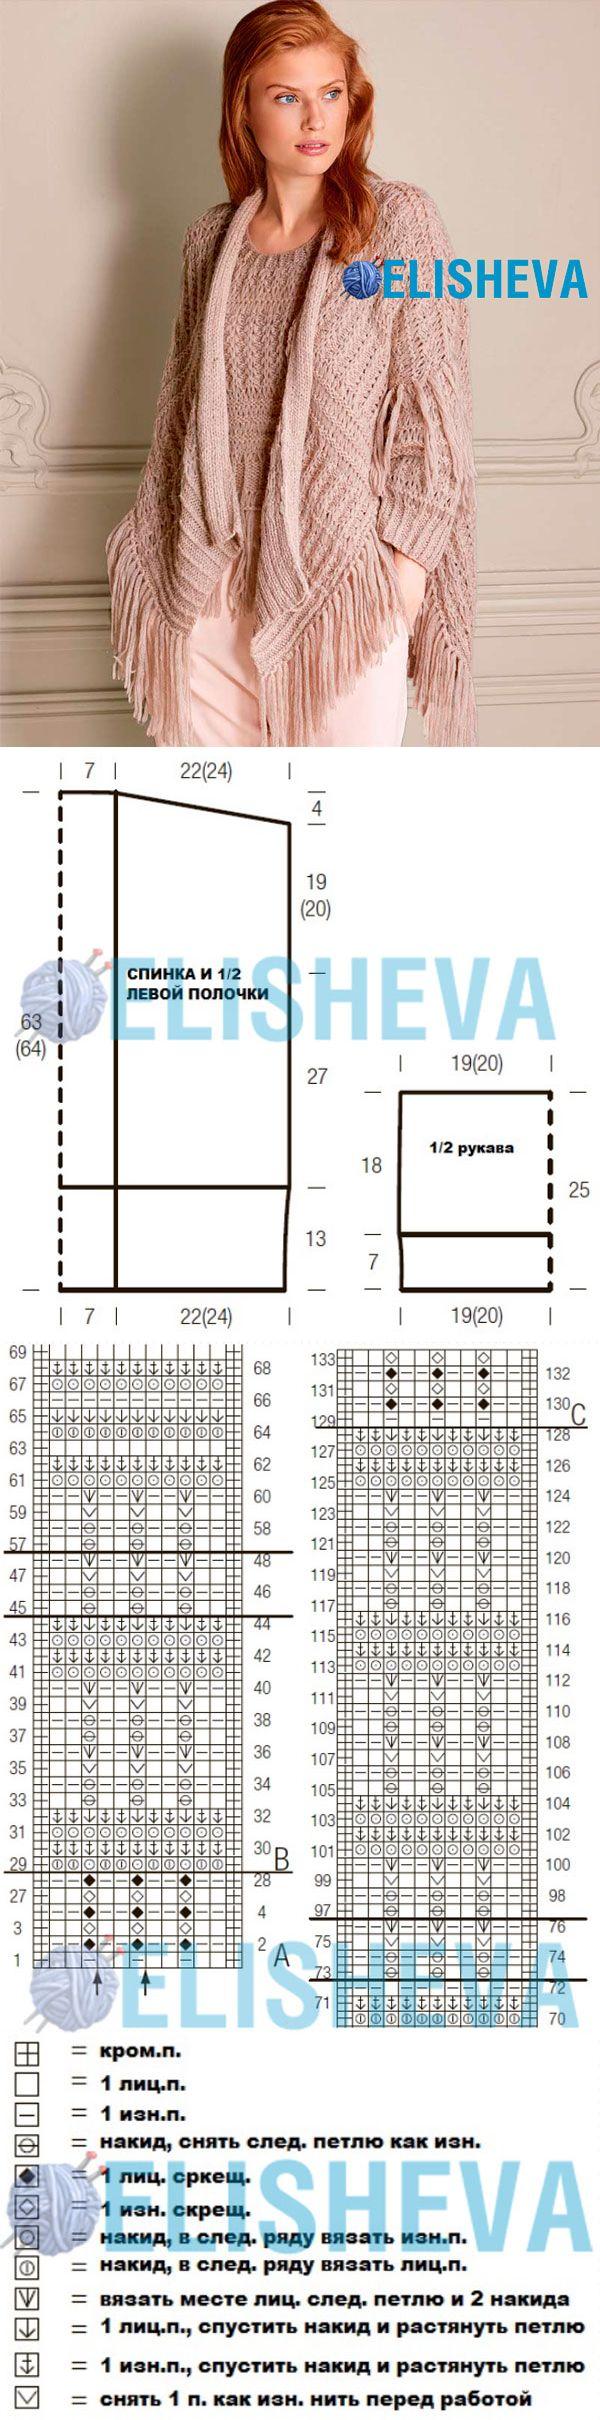 elisheva.ru